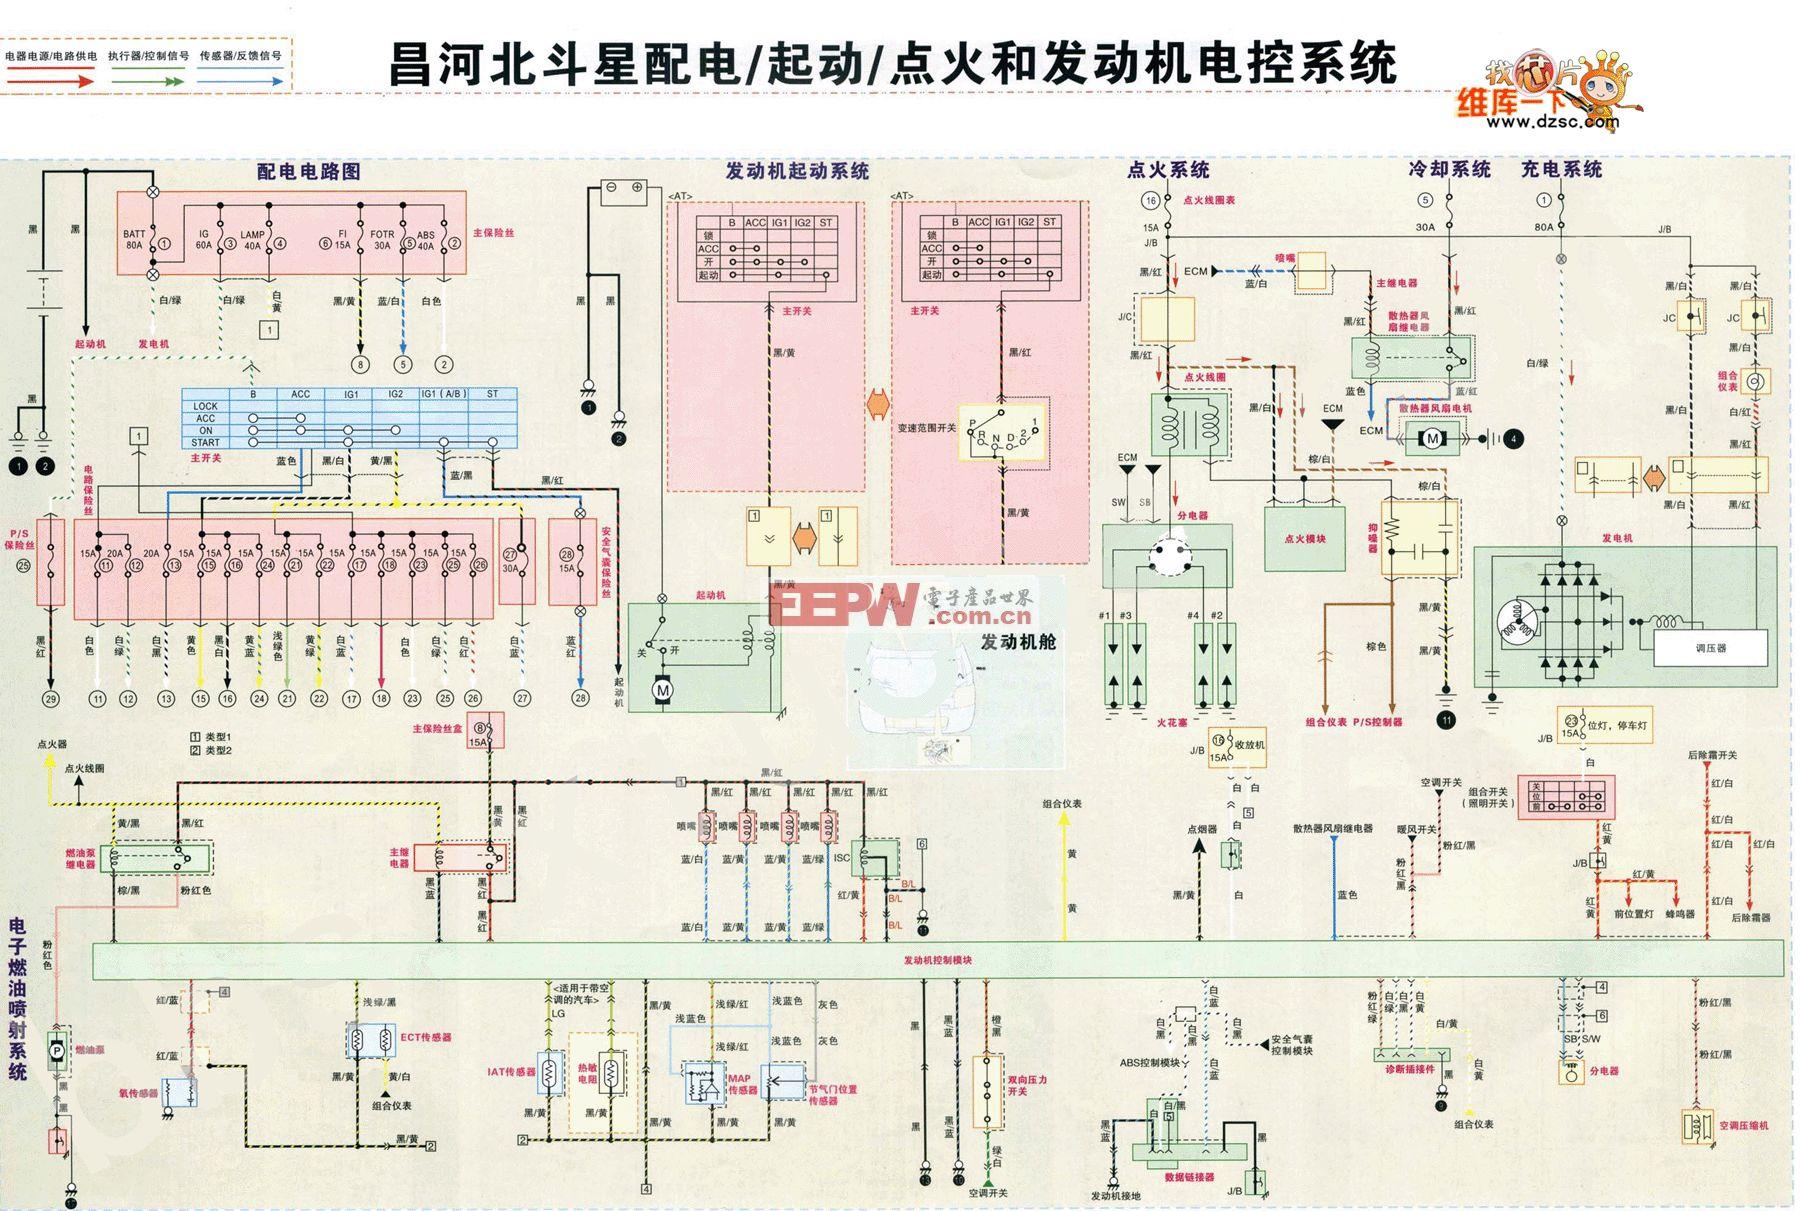 点火和发动机电控系统电路图